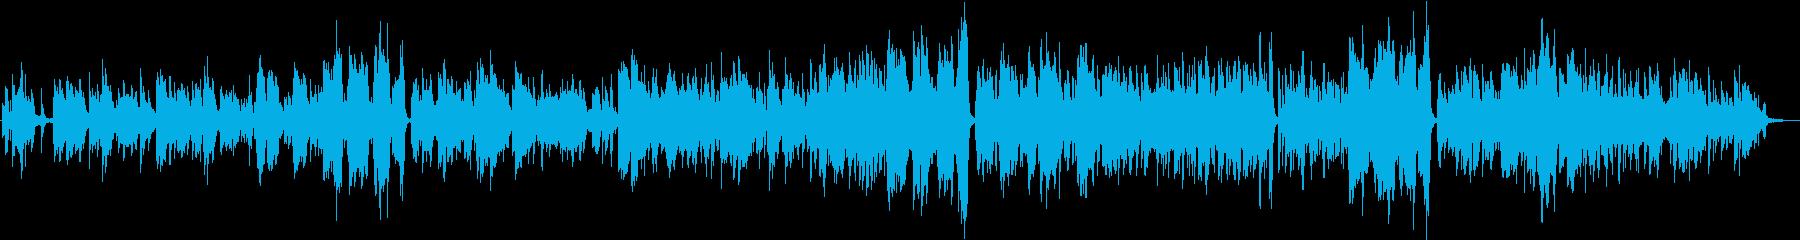 ピアノ伴奏による女性ボーカルのバラードの再生済みの波形